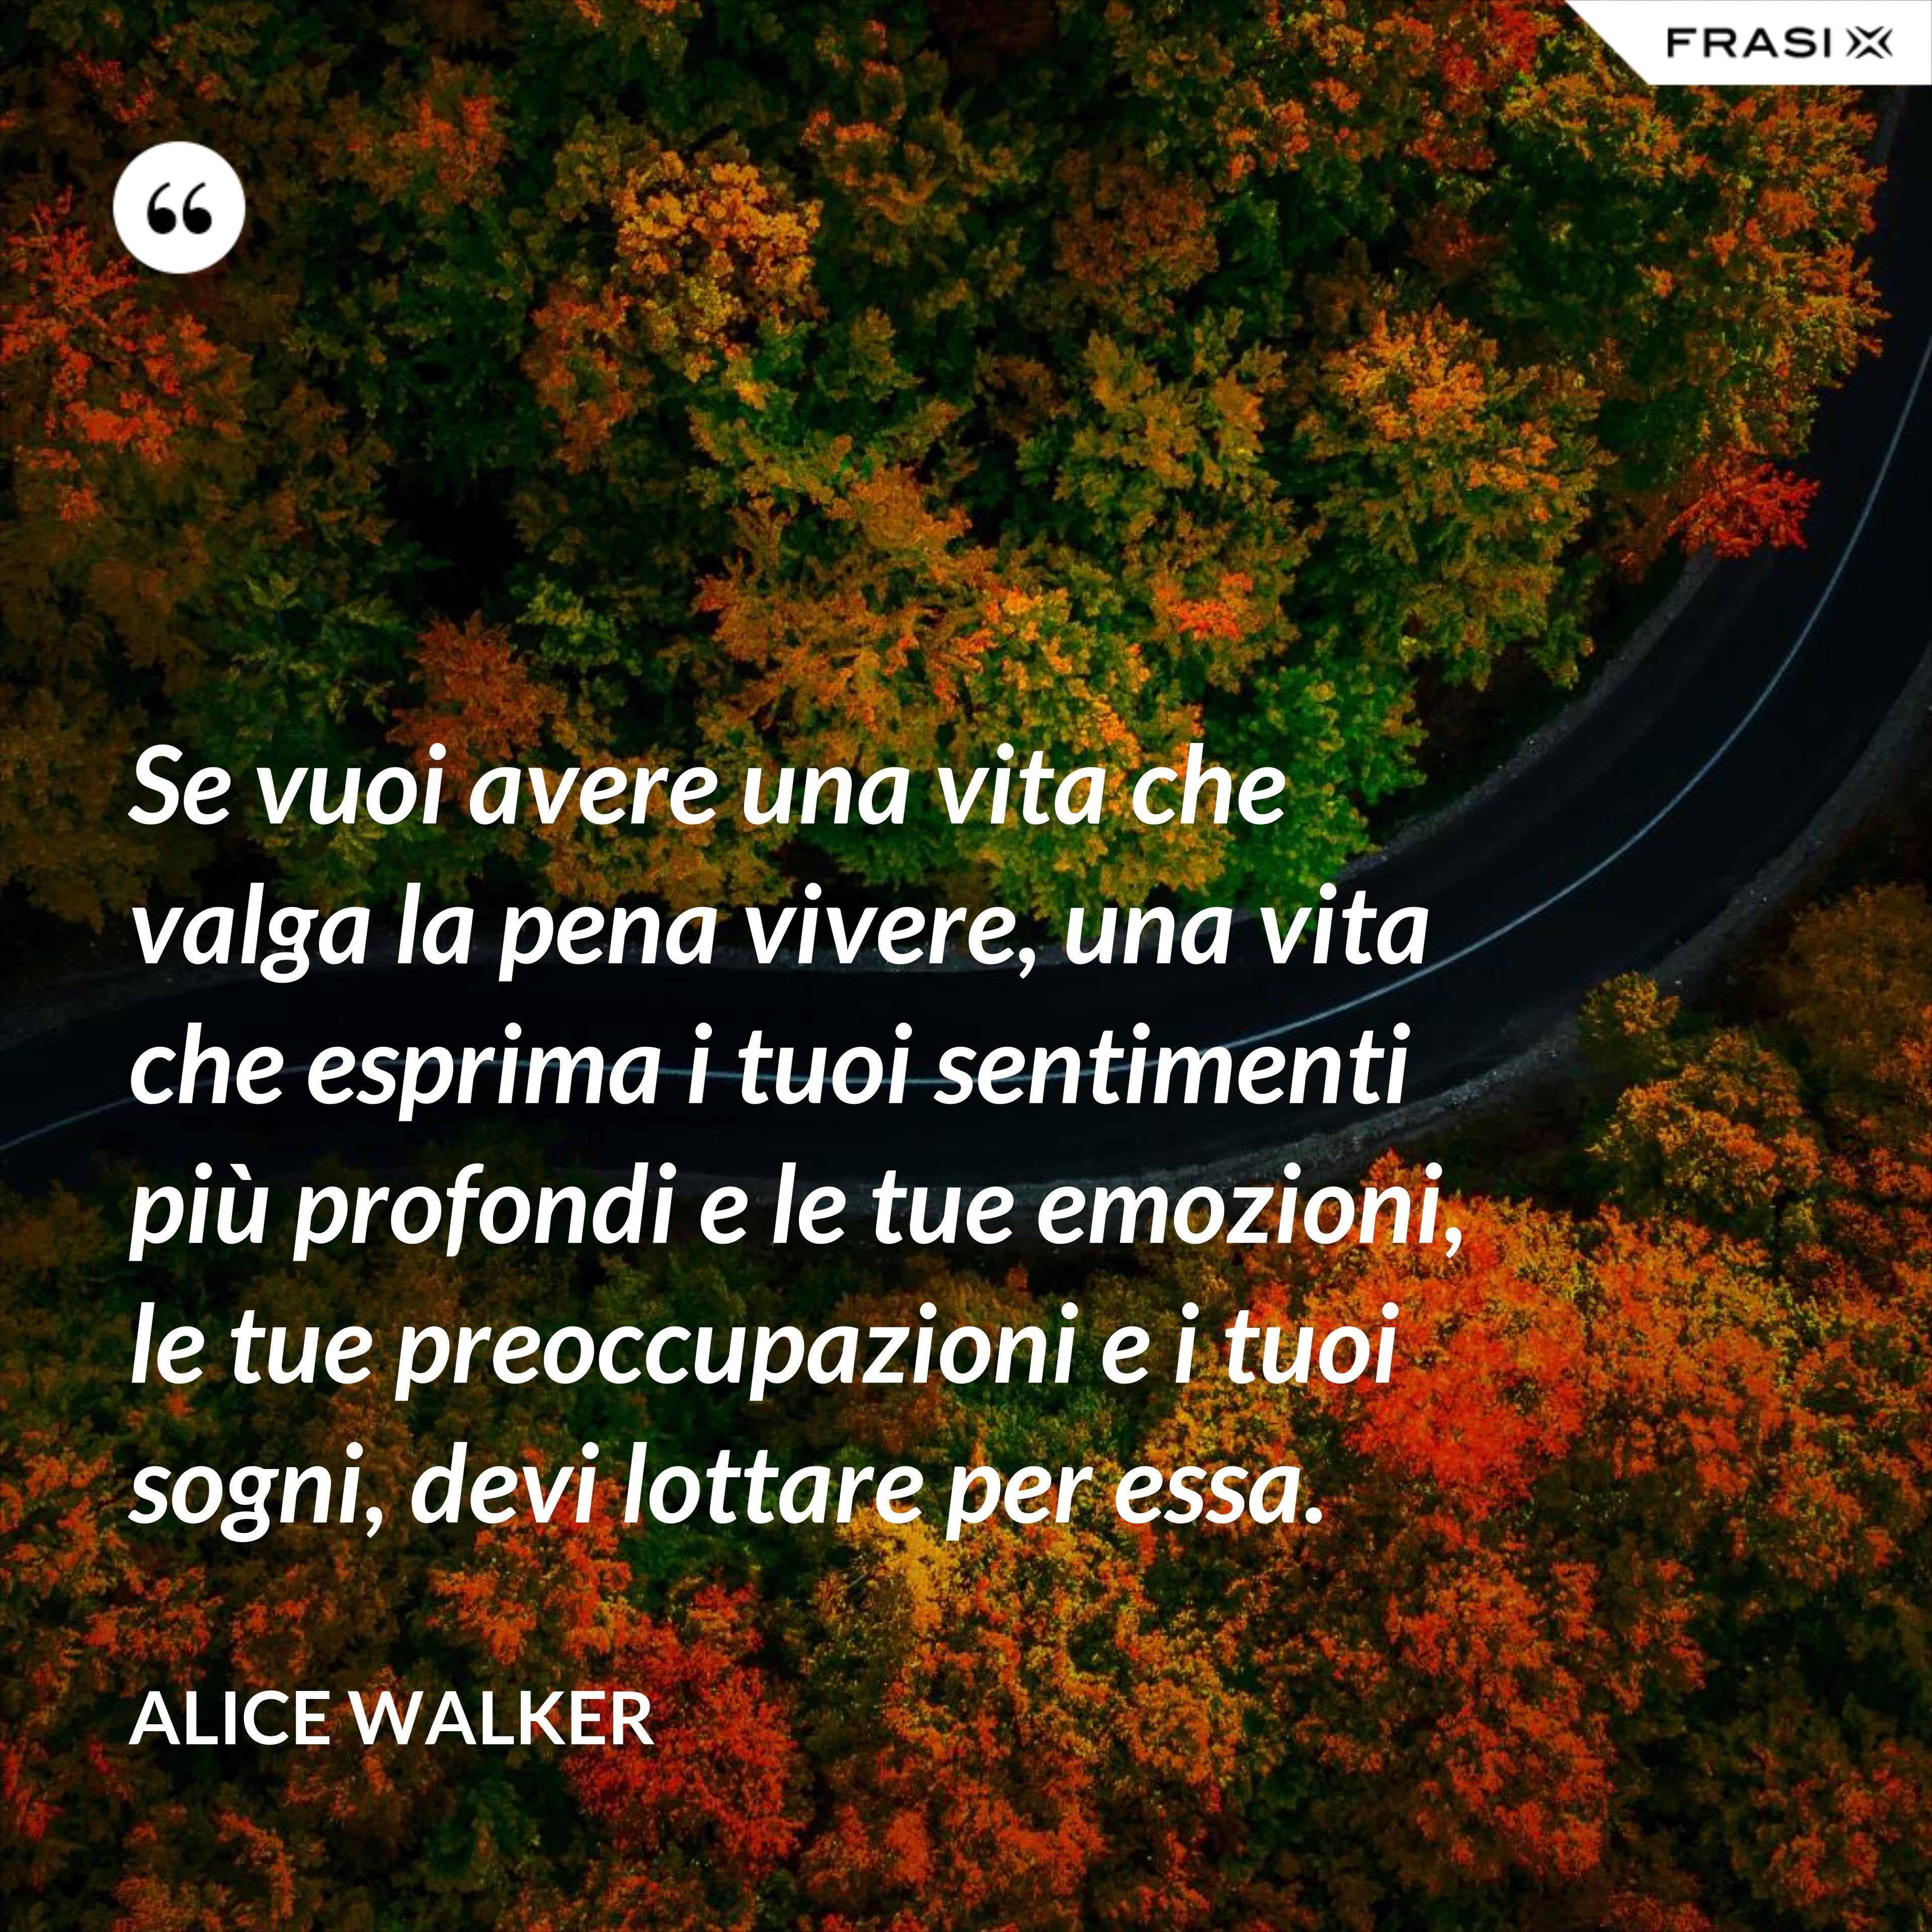 Se vuoi avere una vita che valga la pena vivere, una vita che esprima i tuoi sentimenti più profondi e le tue emozioni, le tue preoccupazioni e i tuoi sogni, devi lottare per essa. - Alice Walker